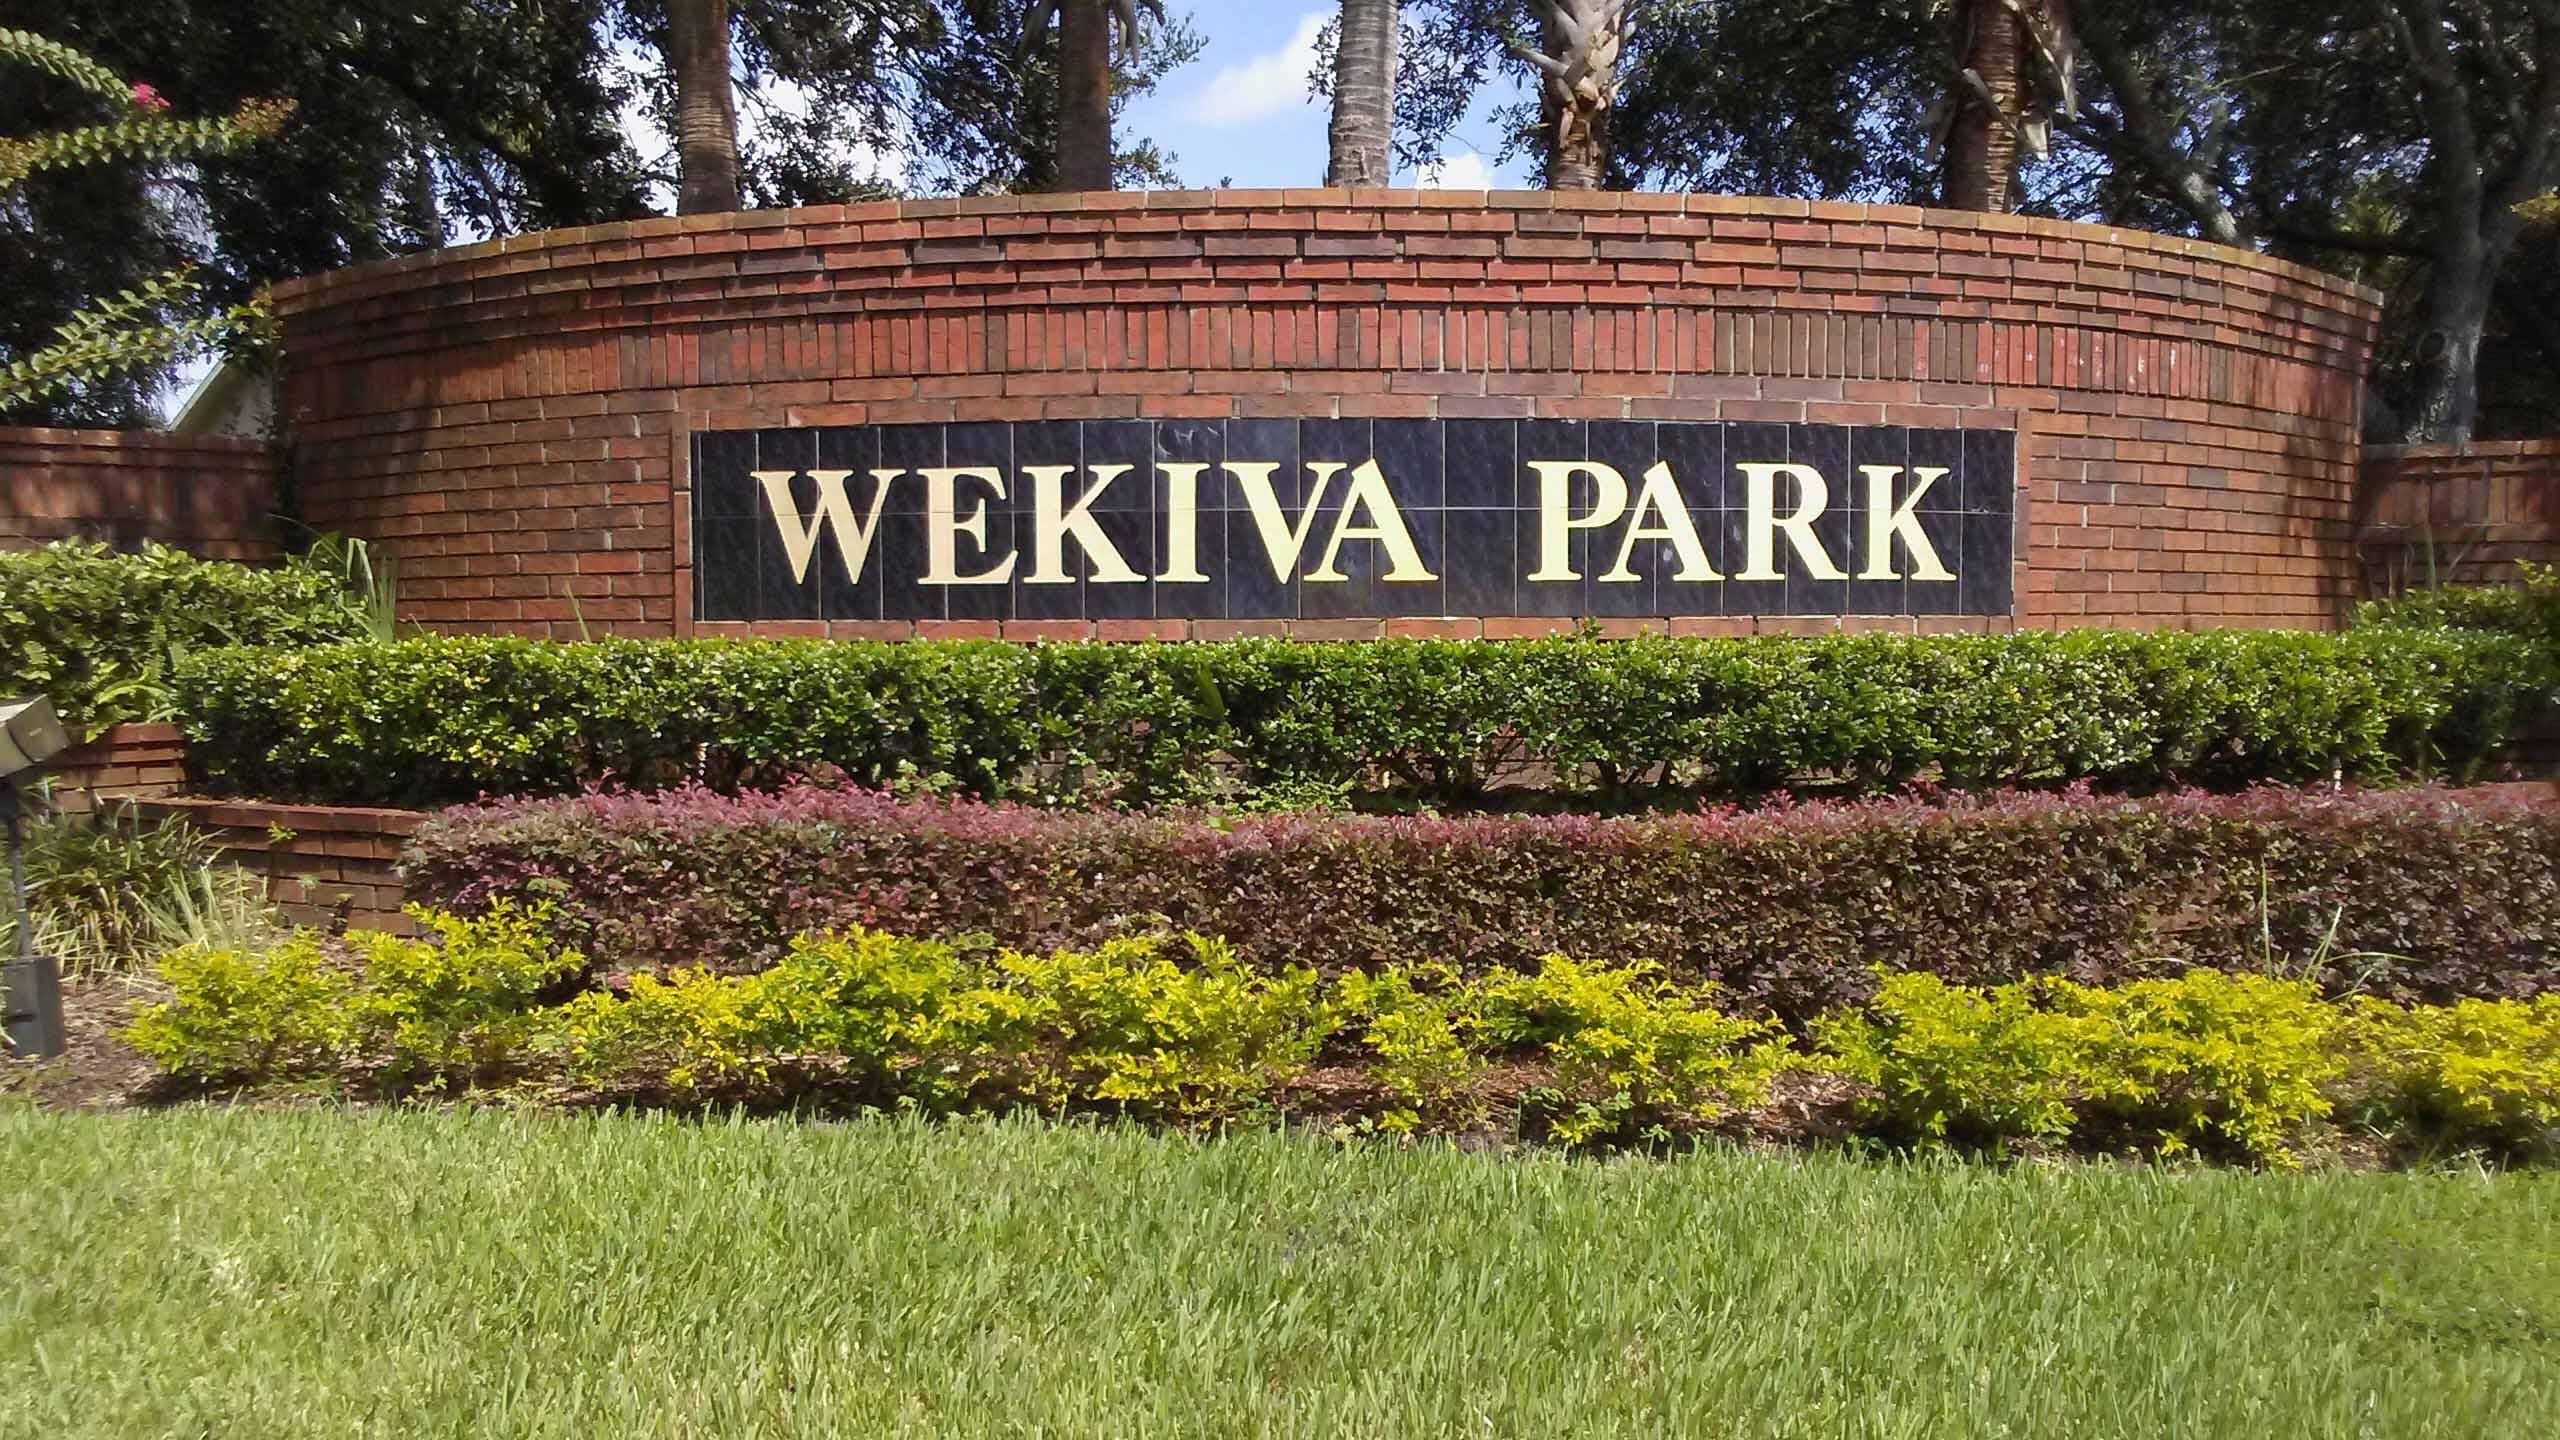 Wekiva Park, Apopka, Florida 32712